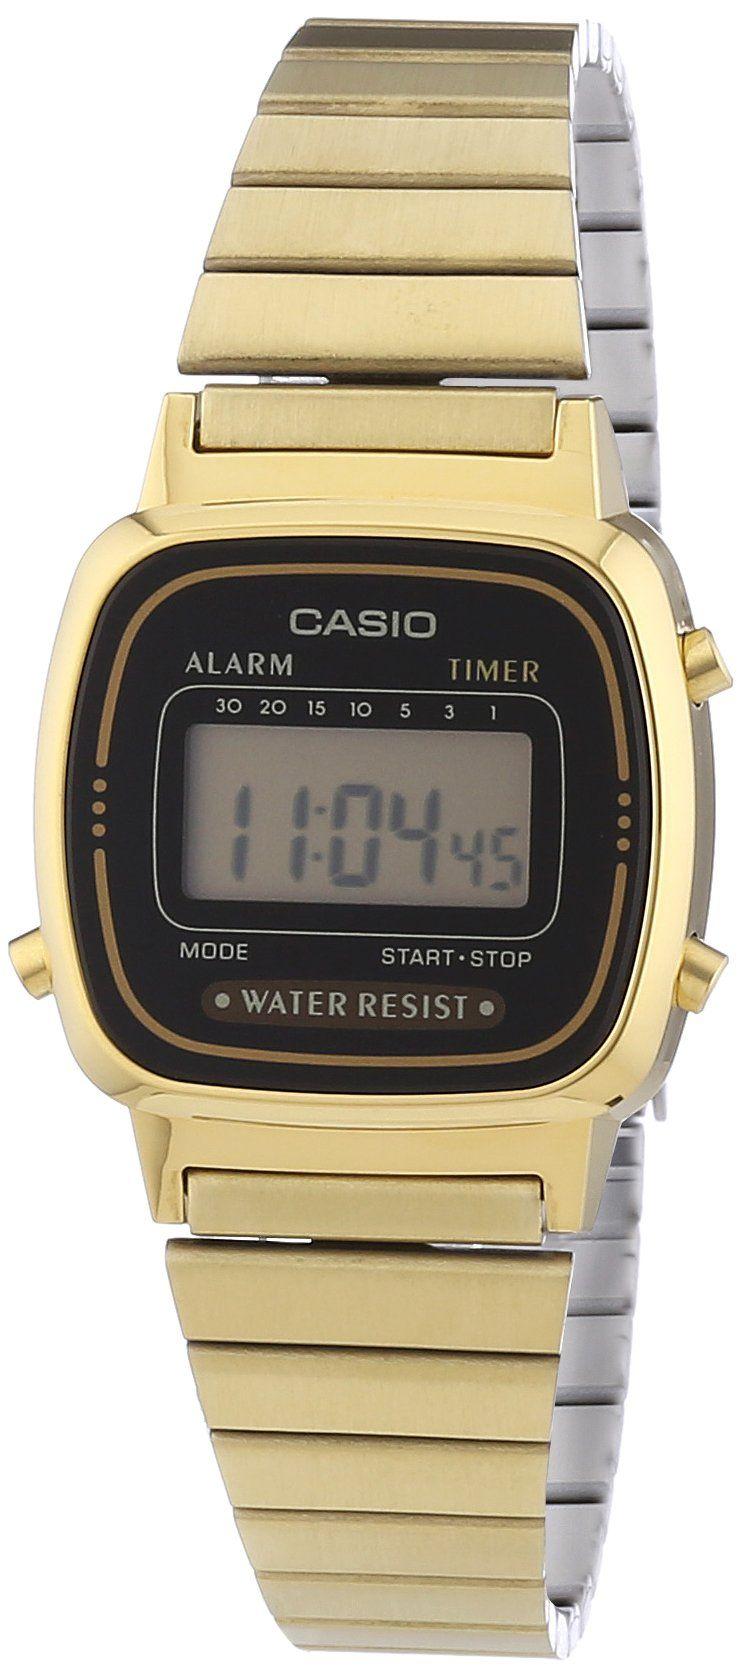 Montre Casio Couleur Or dedans casio - vintage - la670wega-1ef - montre femme - quartz digital